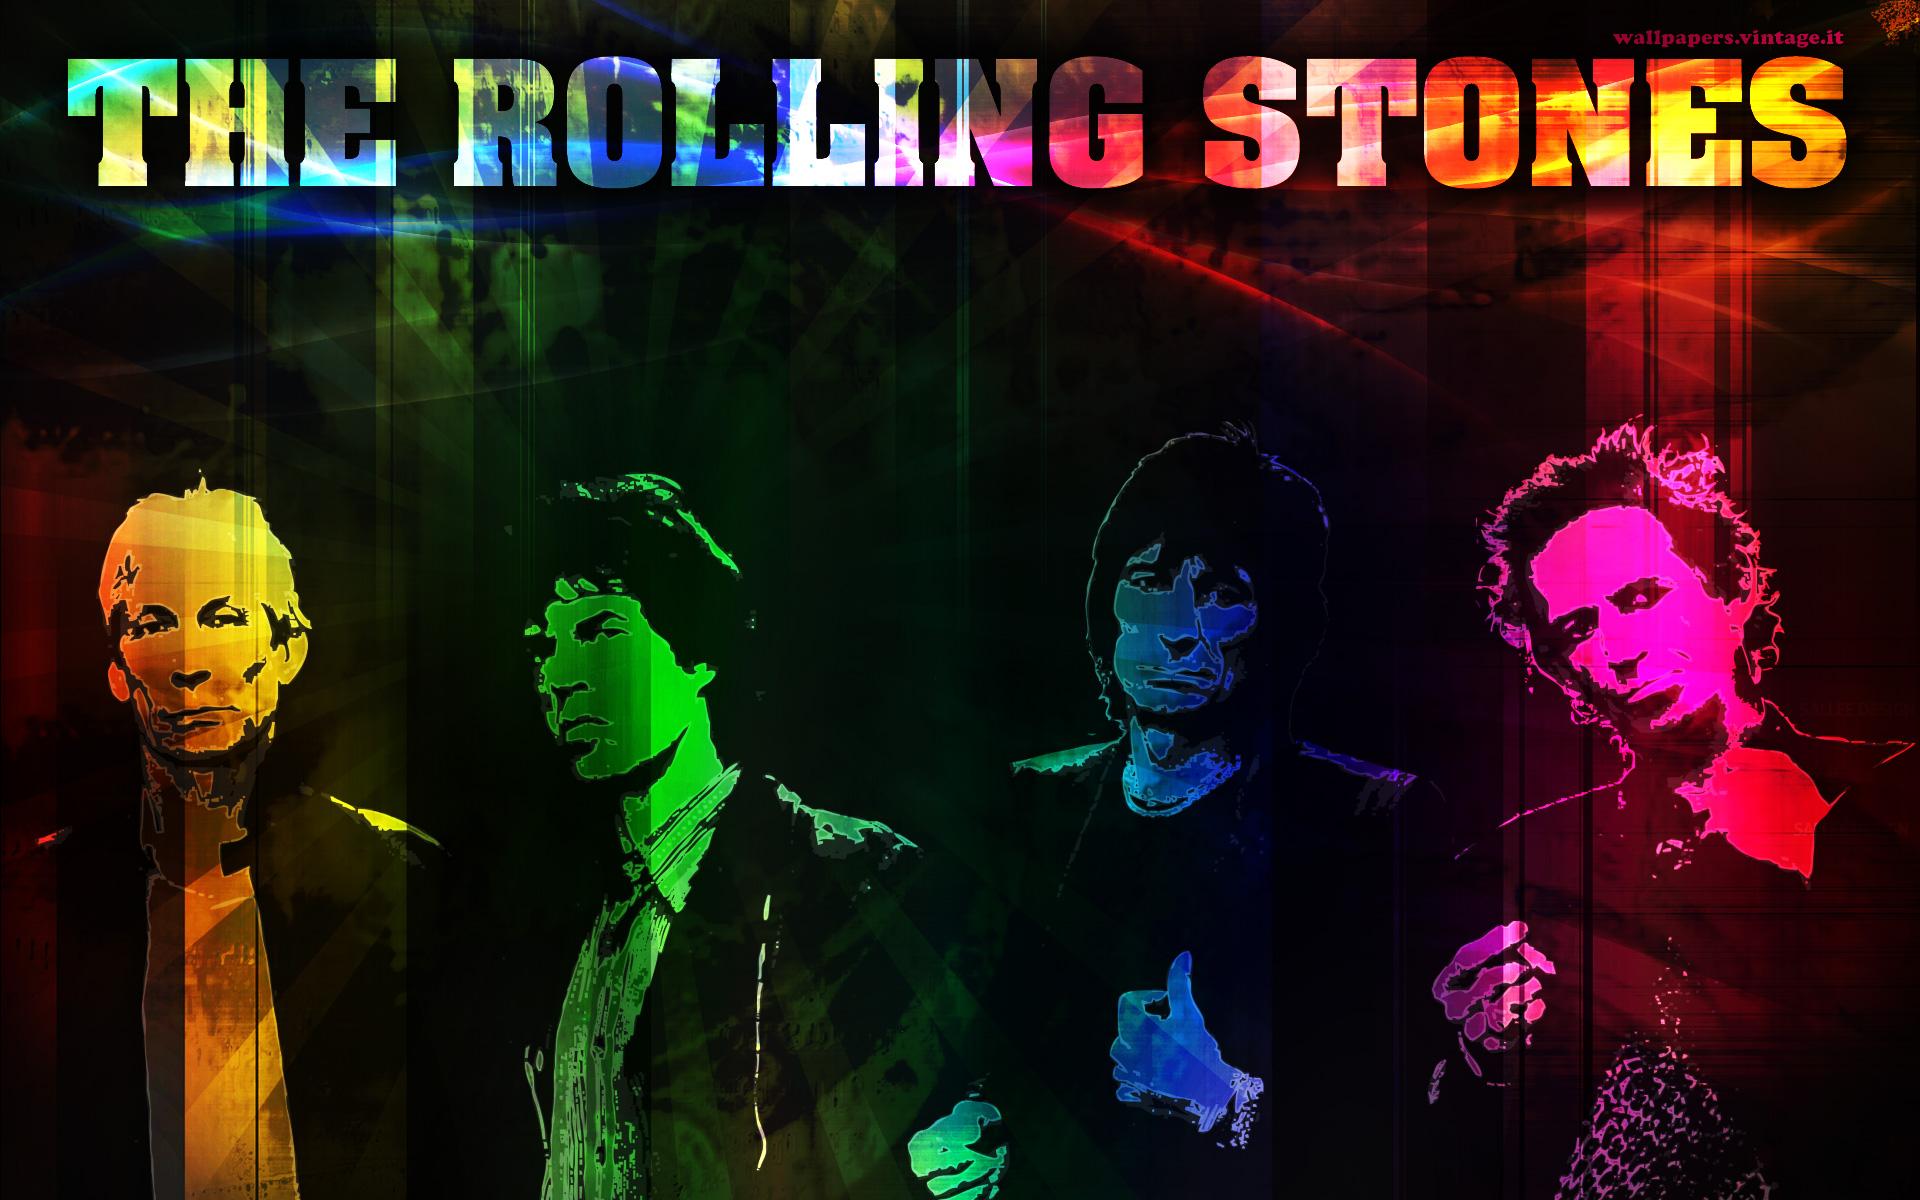 The Rolling Stones wallpaper   Desktop HD iPad iPhone wallpapers 1920x1200